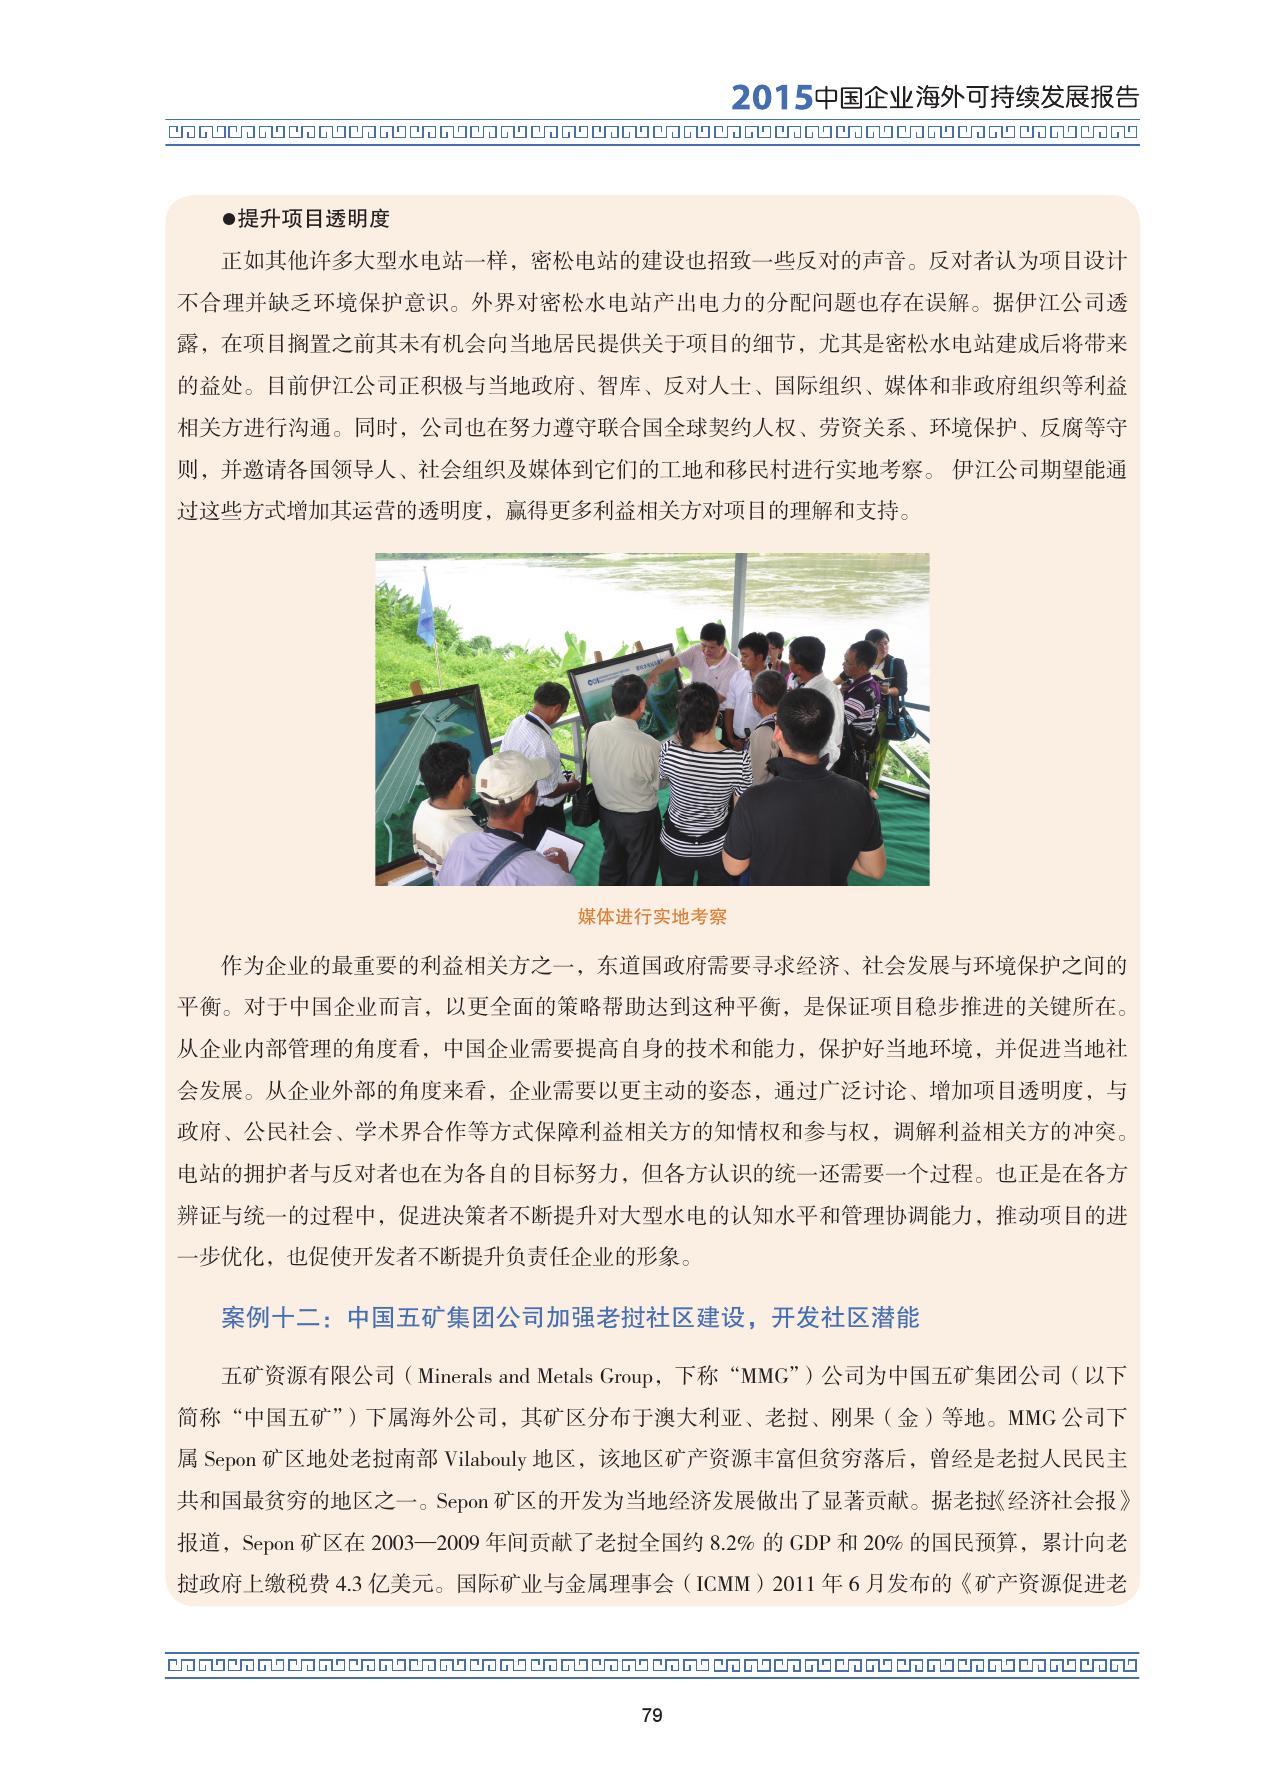 2015中国企业海外可持续发展报告_000093